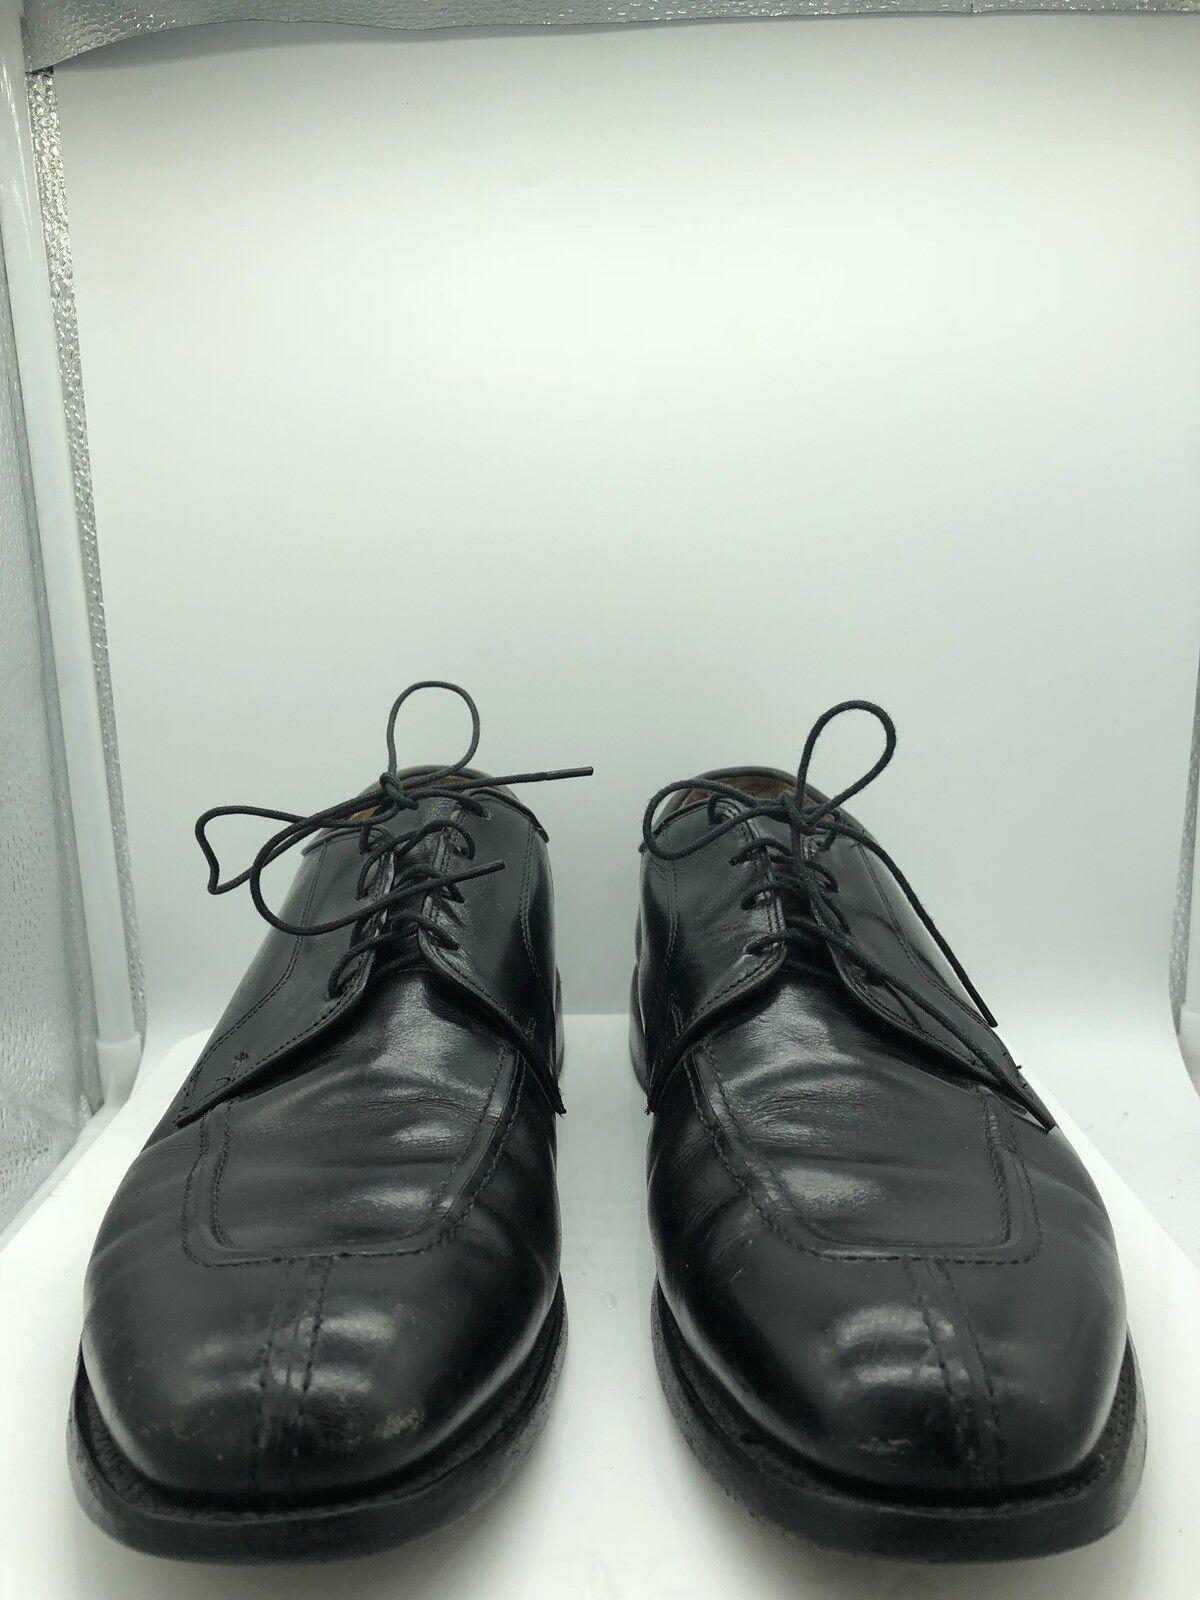 Allen Edmonds  Hancock  Split Toe Oxfords  Size 11 D Black Leather Dress shoes